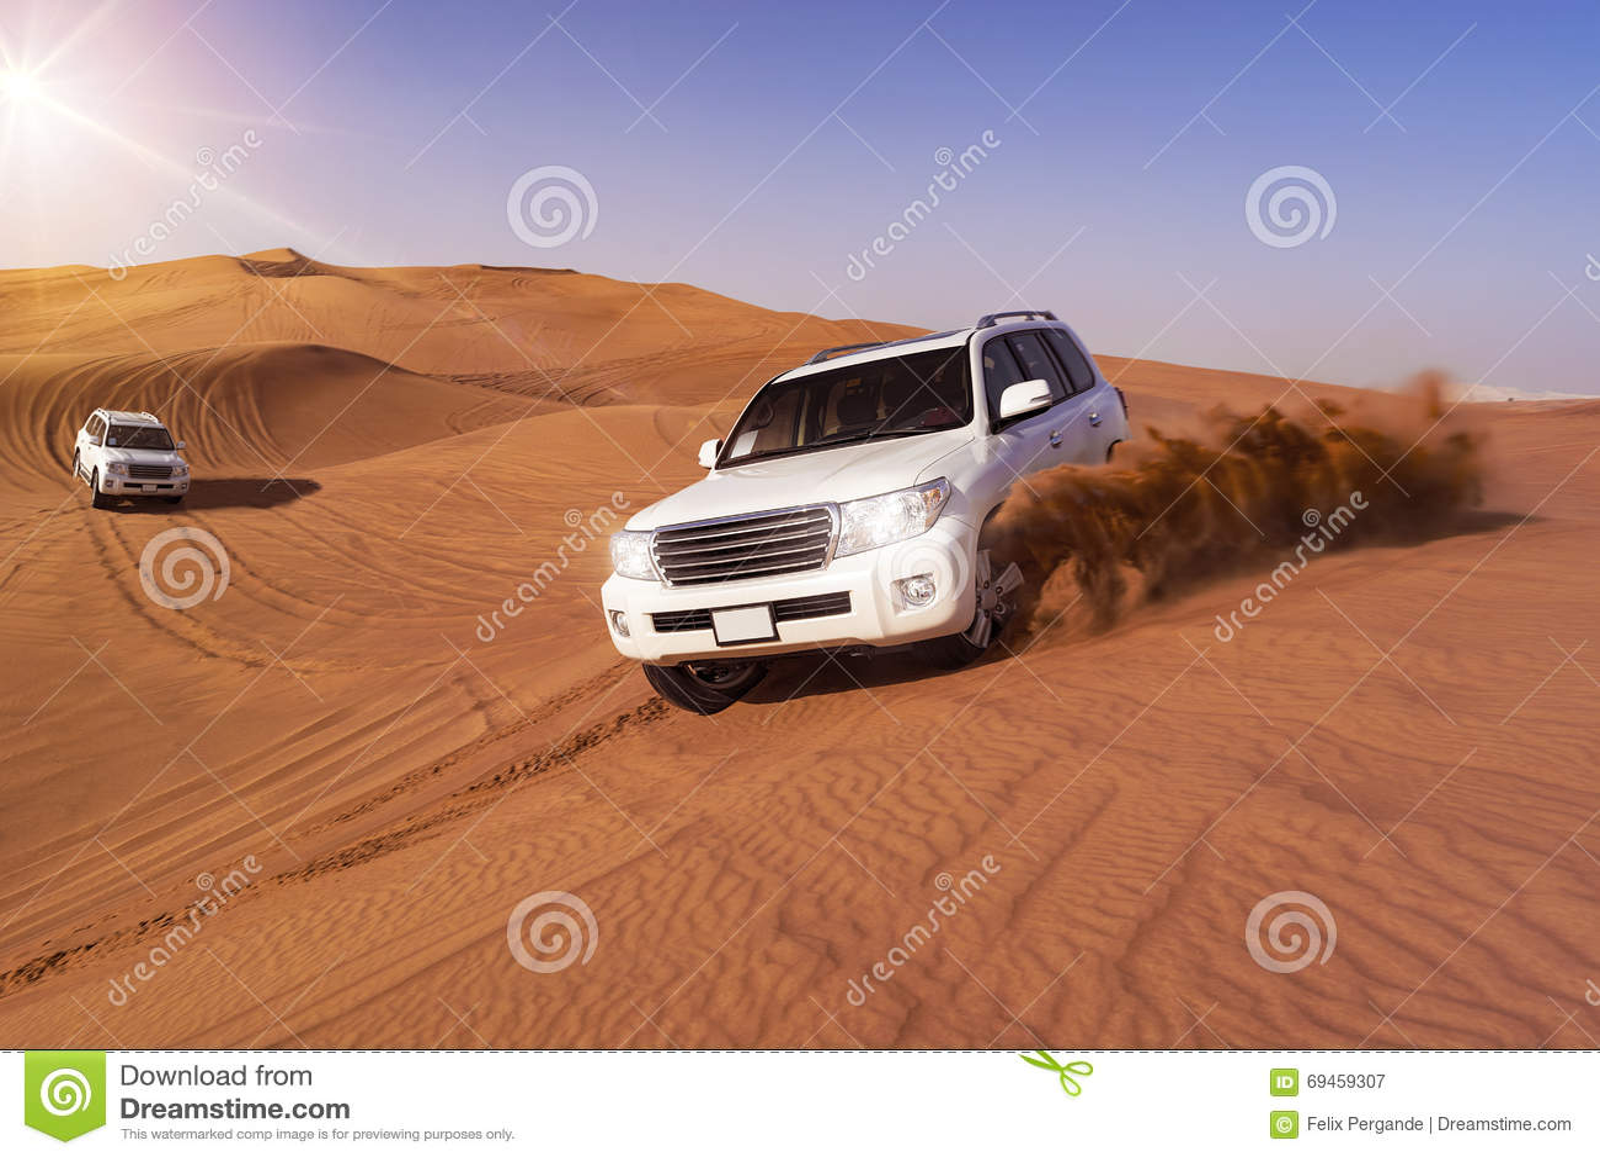 Safari del deserto con SUVs